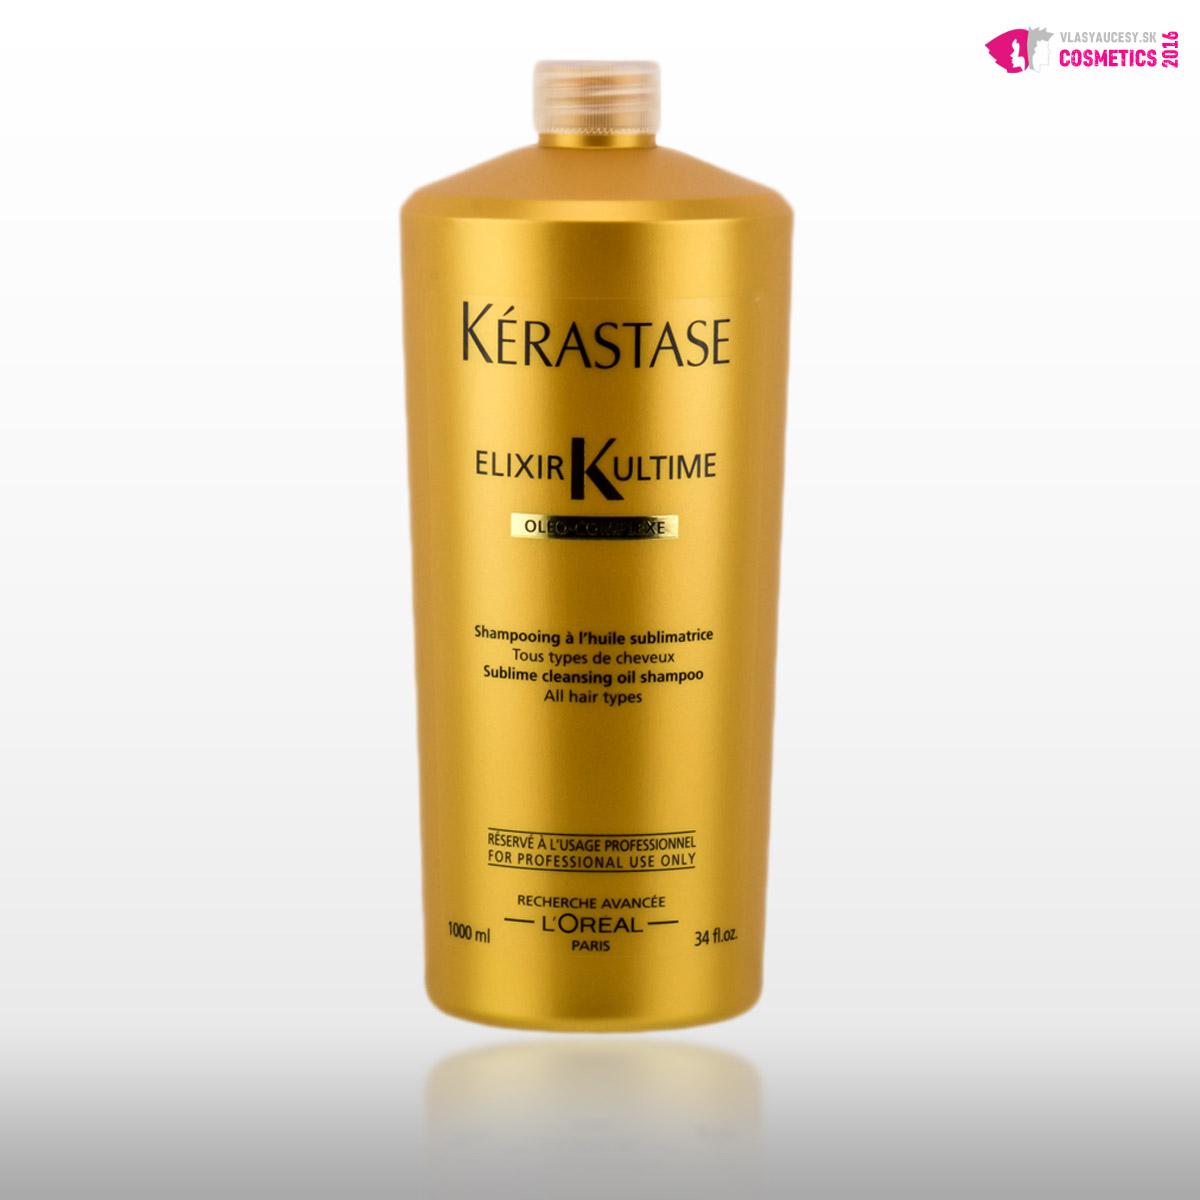 Šampóny Kérastase pre suché vlasy: Kérastase Elixir Ultime bohatý olejový šampón pre silné, hrubé a suché vlasy, cena od 18.20 €.